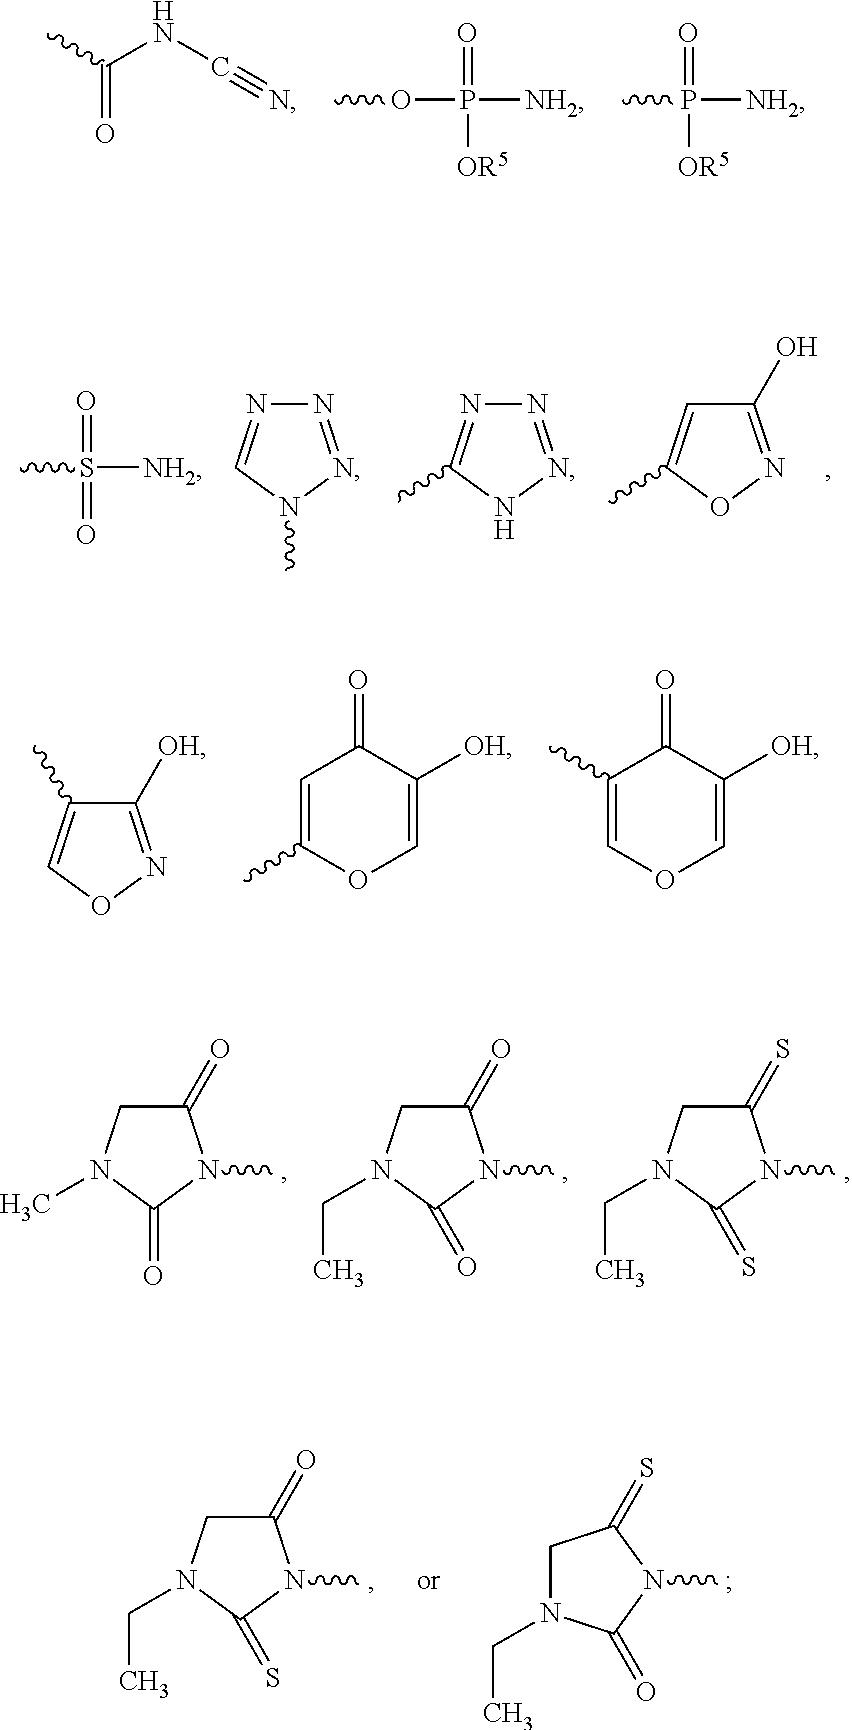 Figure US09662307-20170530-C00015